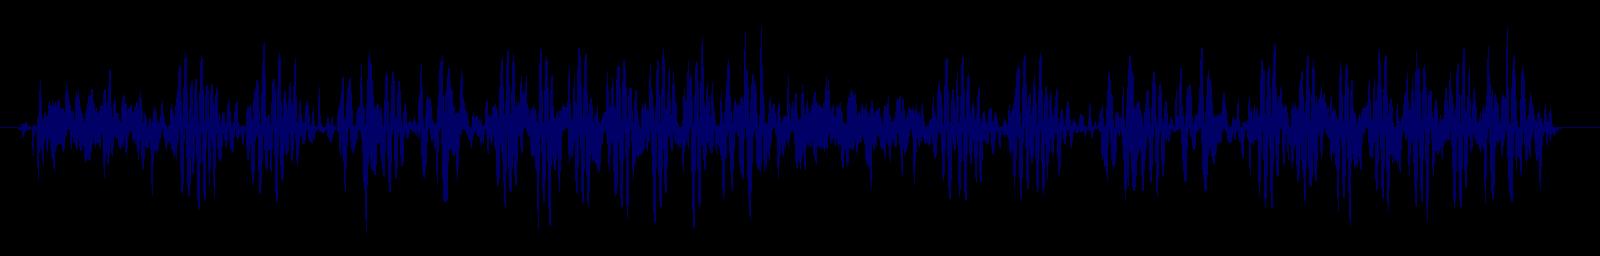 waveform of track #149799